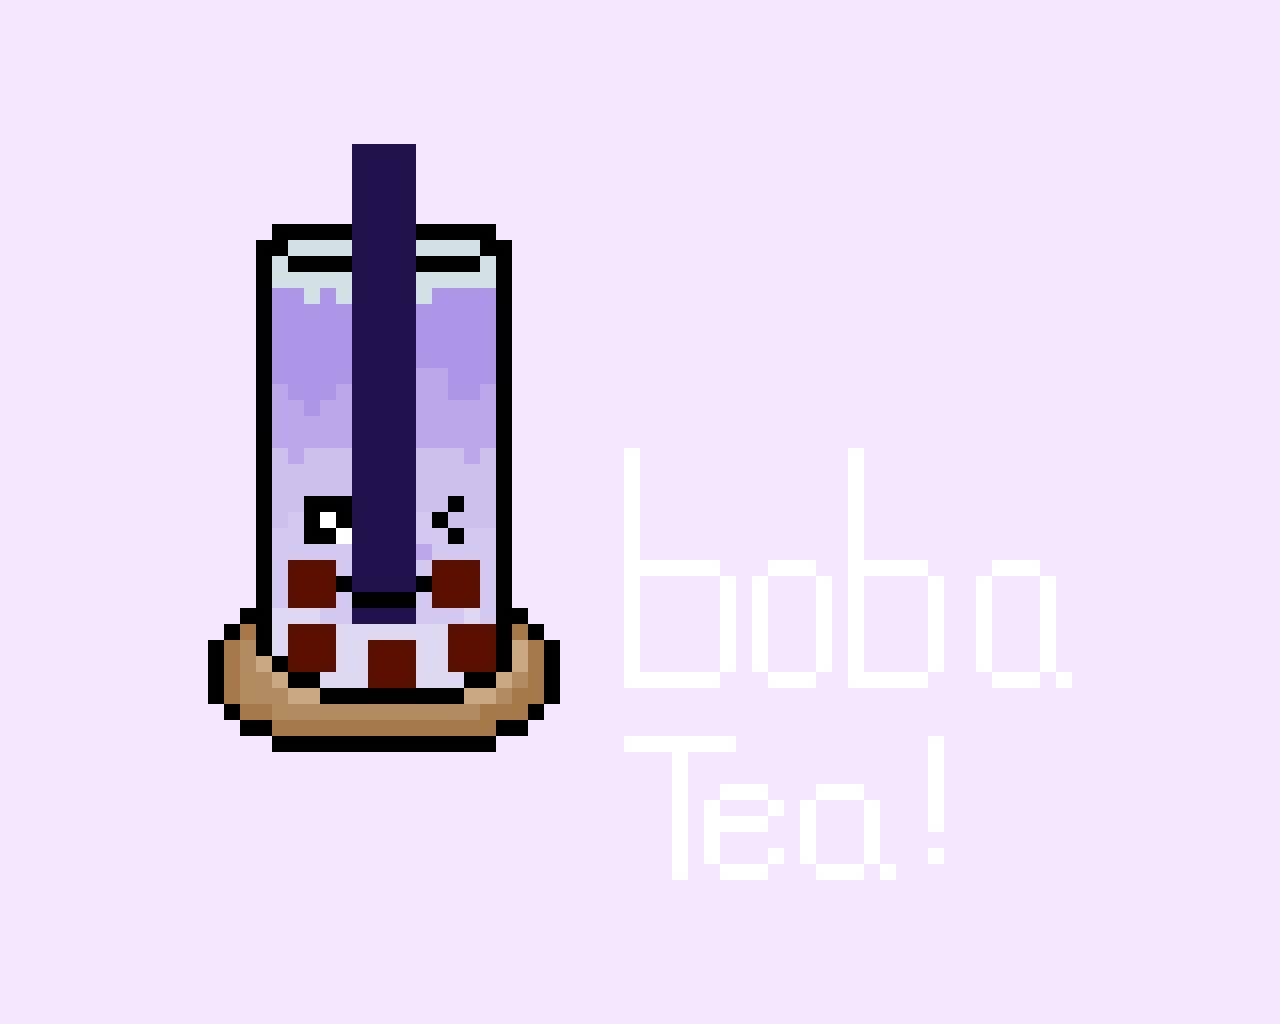 boba tea!! ^^